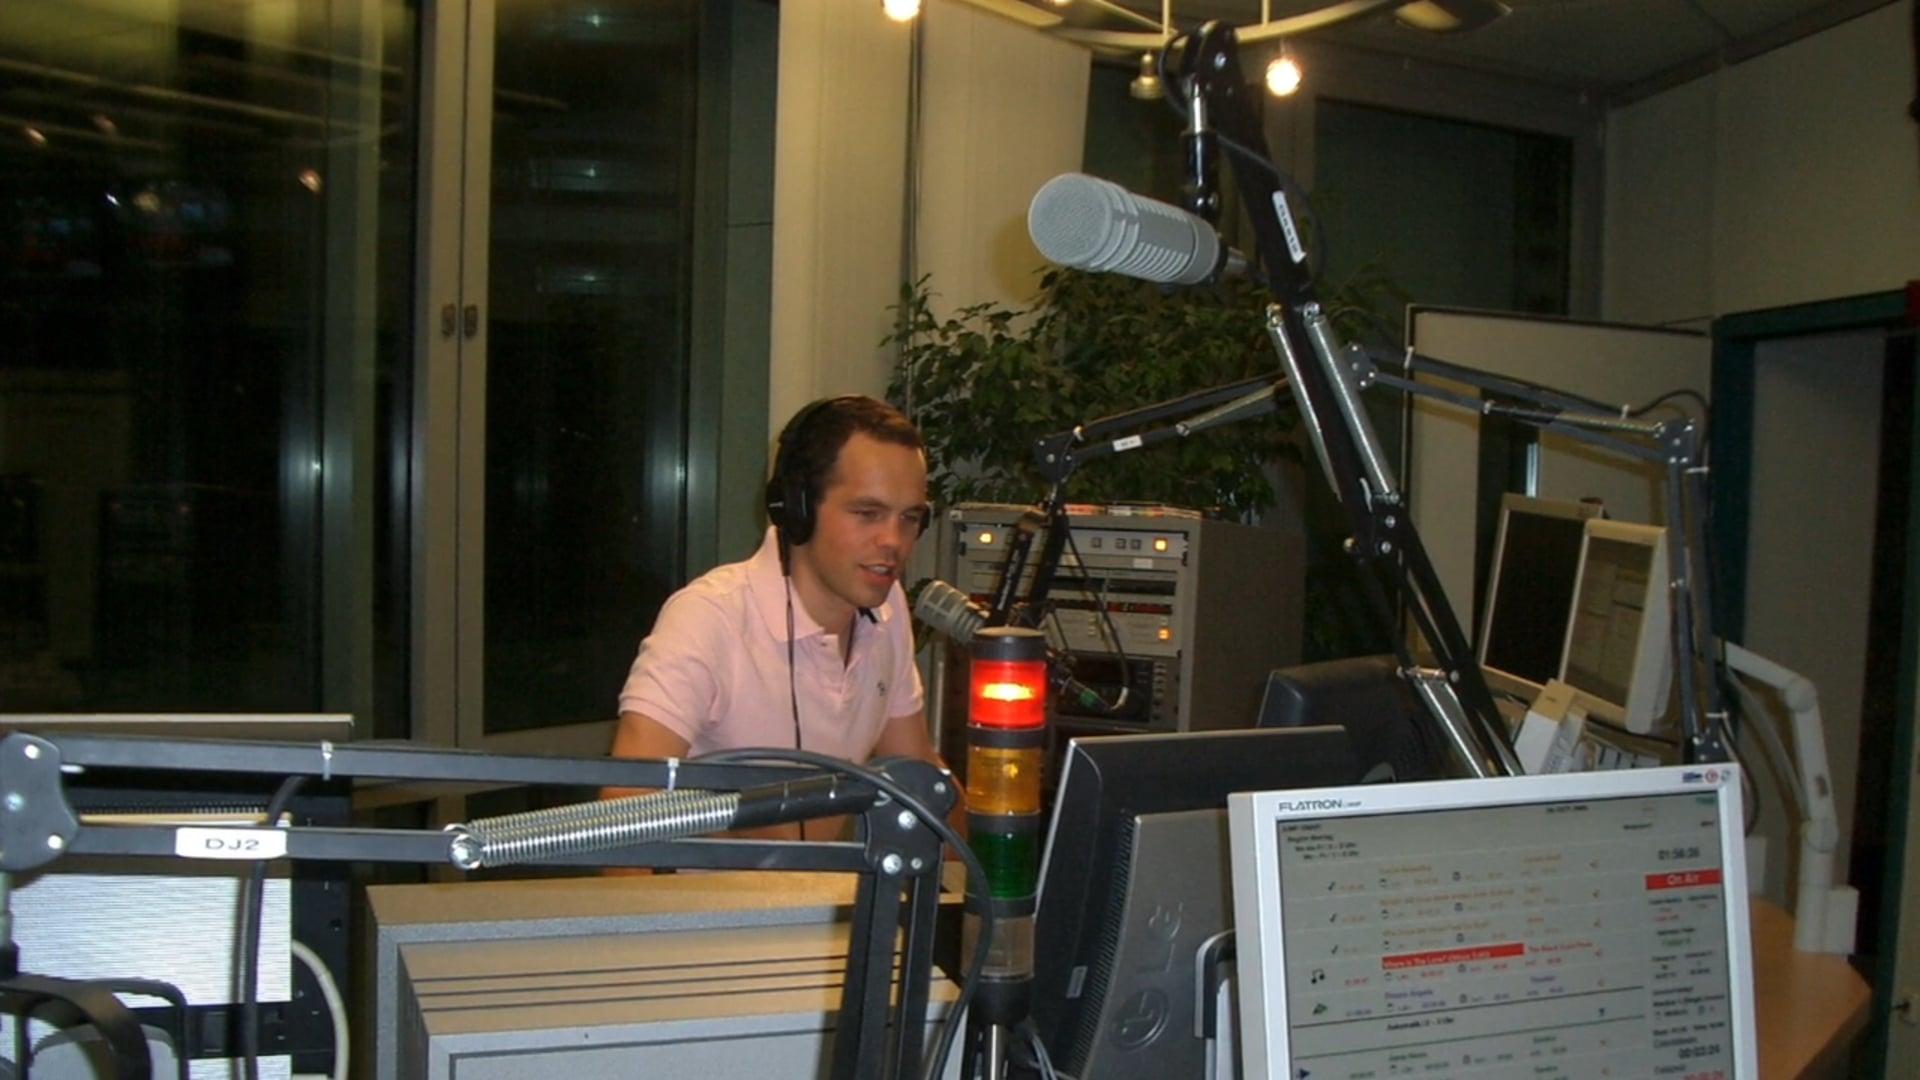 Radio: Aircheck MDR JUMP Service